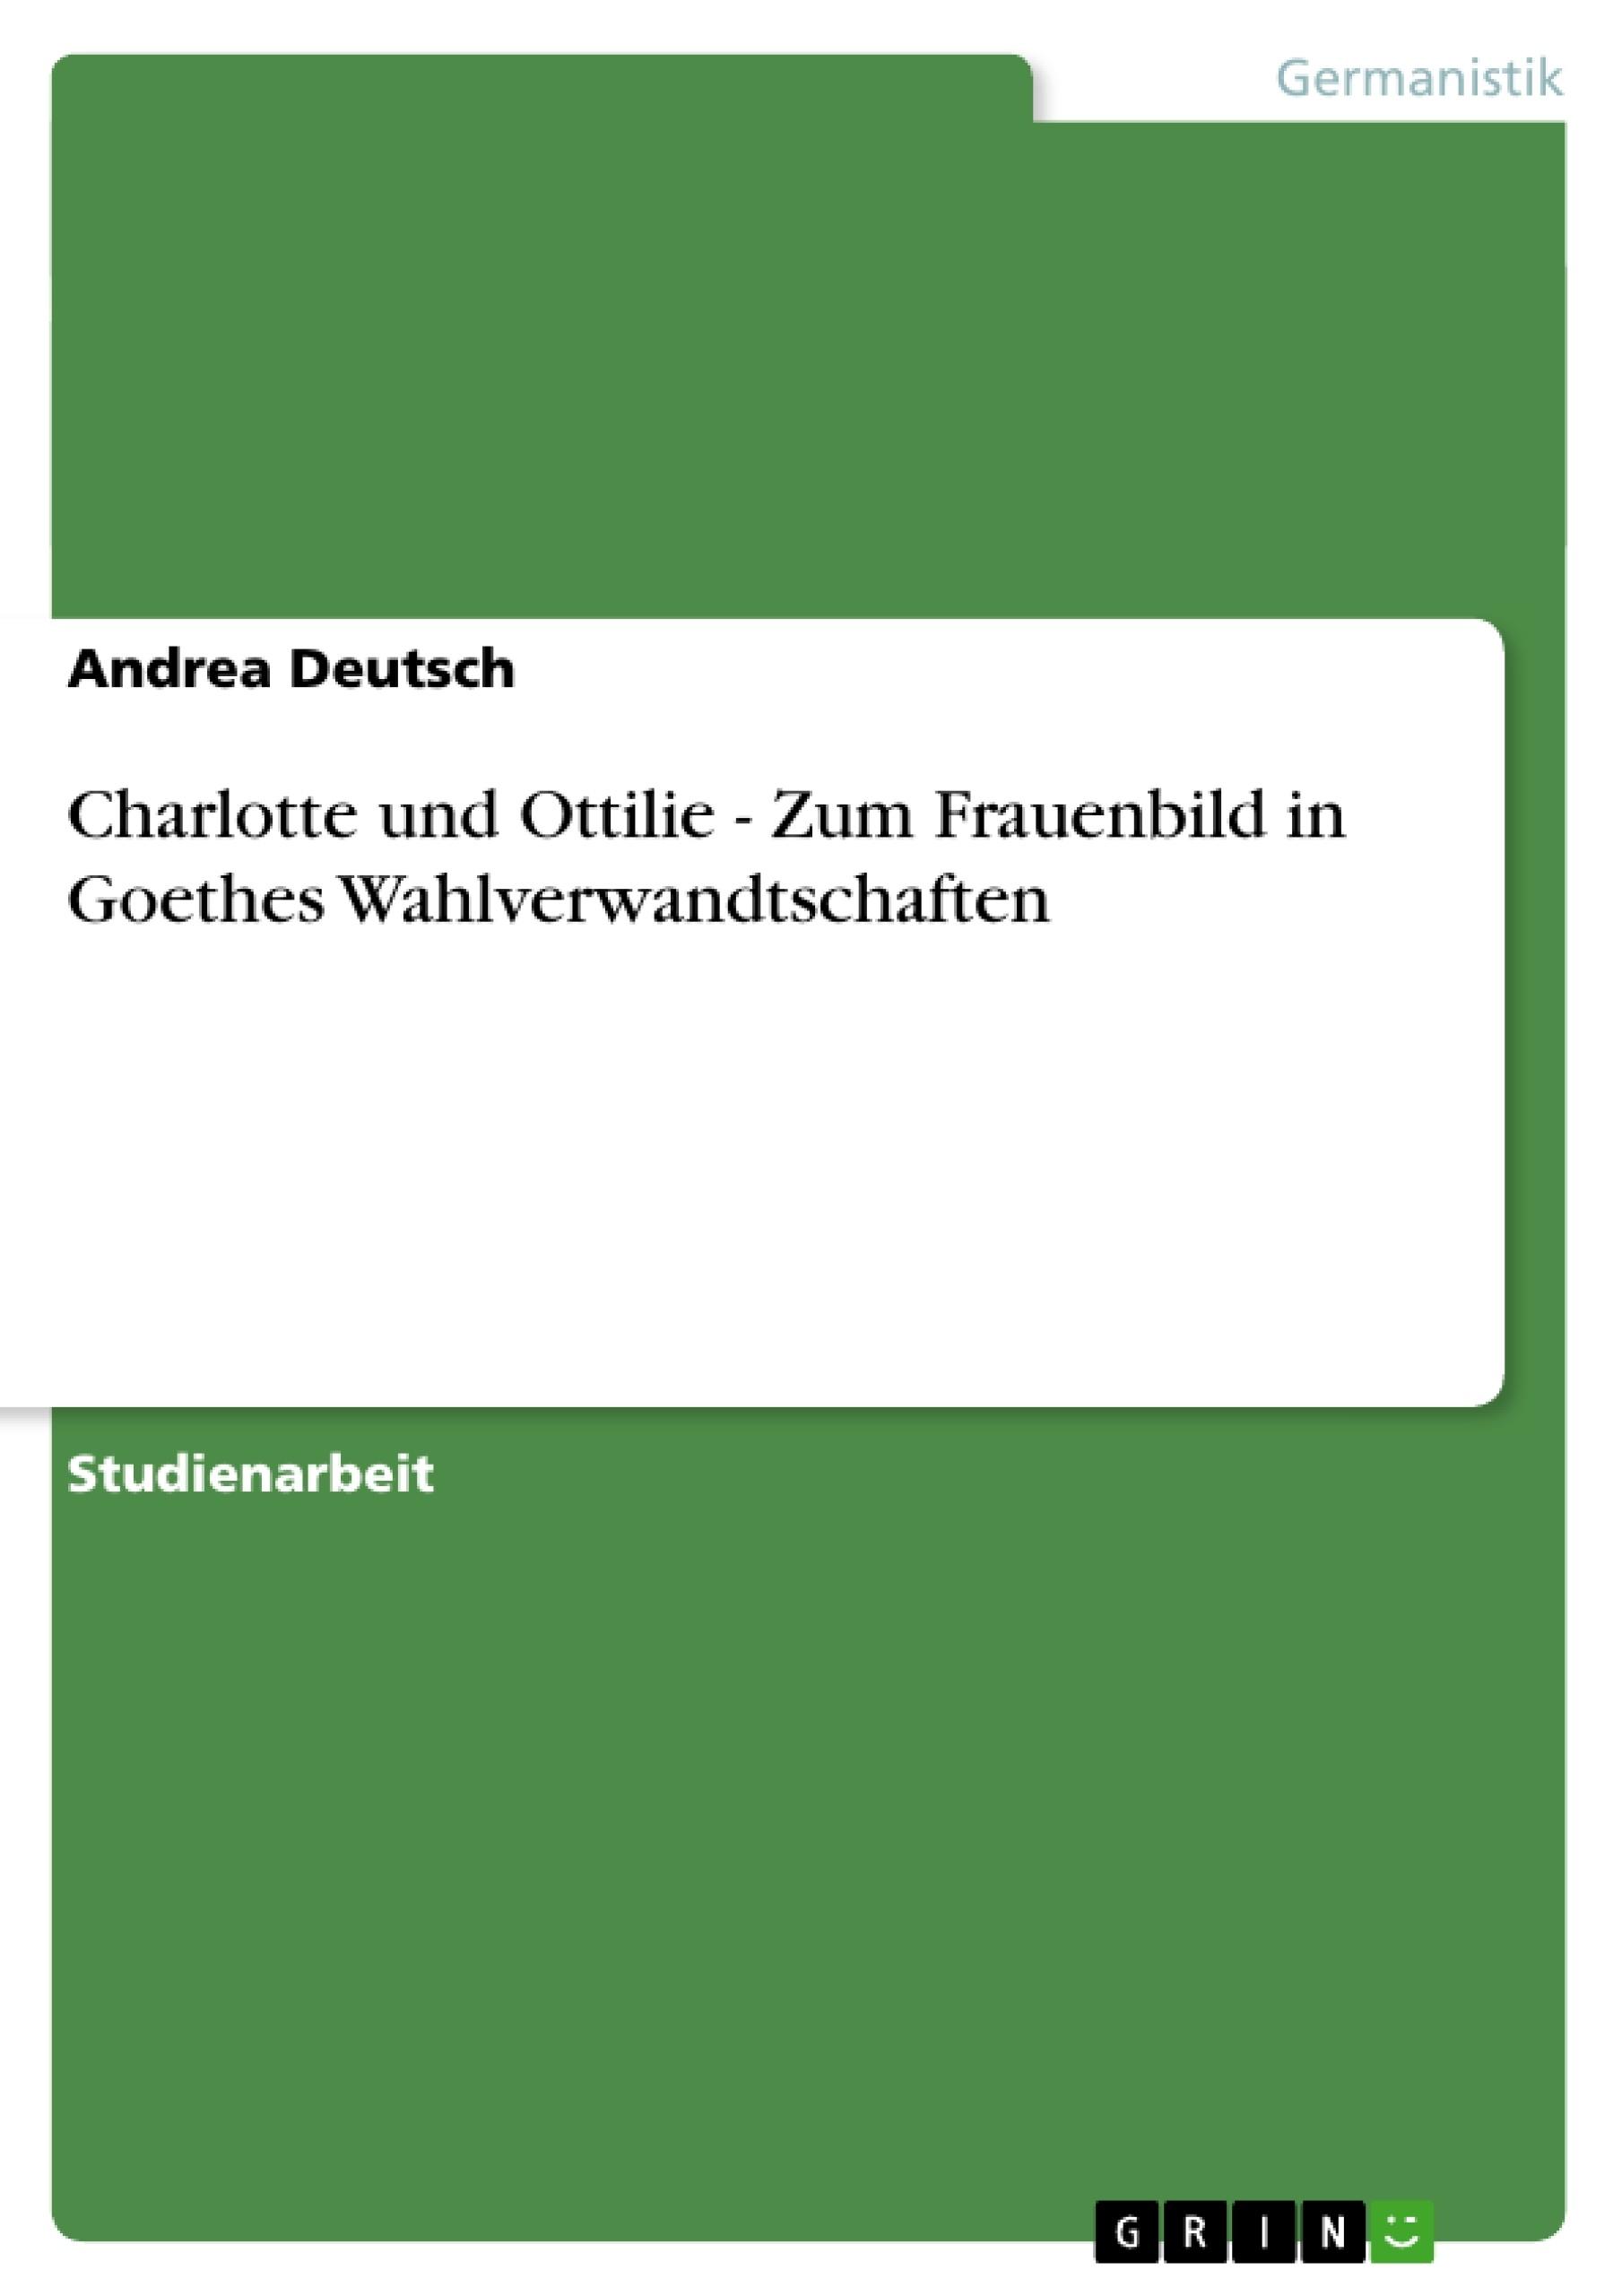 Titel: Charlotte und Ottilie - Zum Frauenbild in Goethes  Wahlverwandtschaften